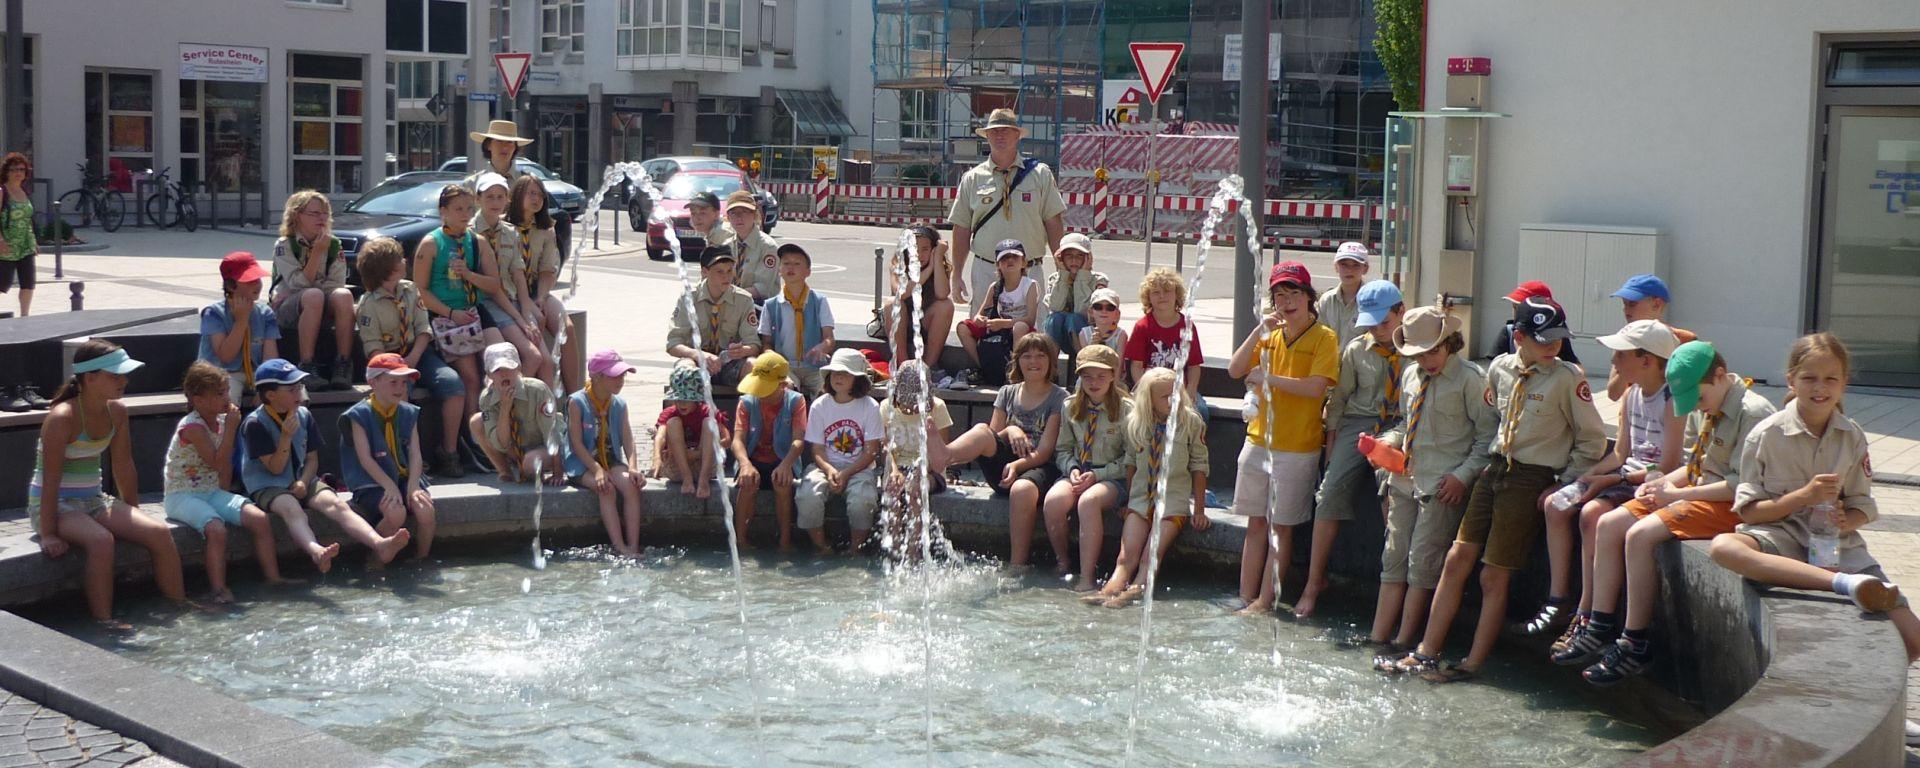 Am Markplatzbrunnen nach dem Stadtspiel